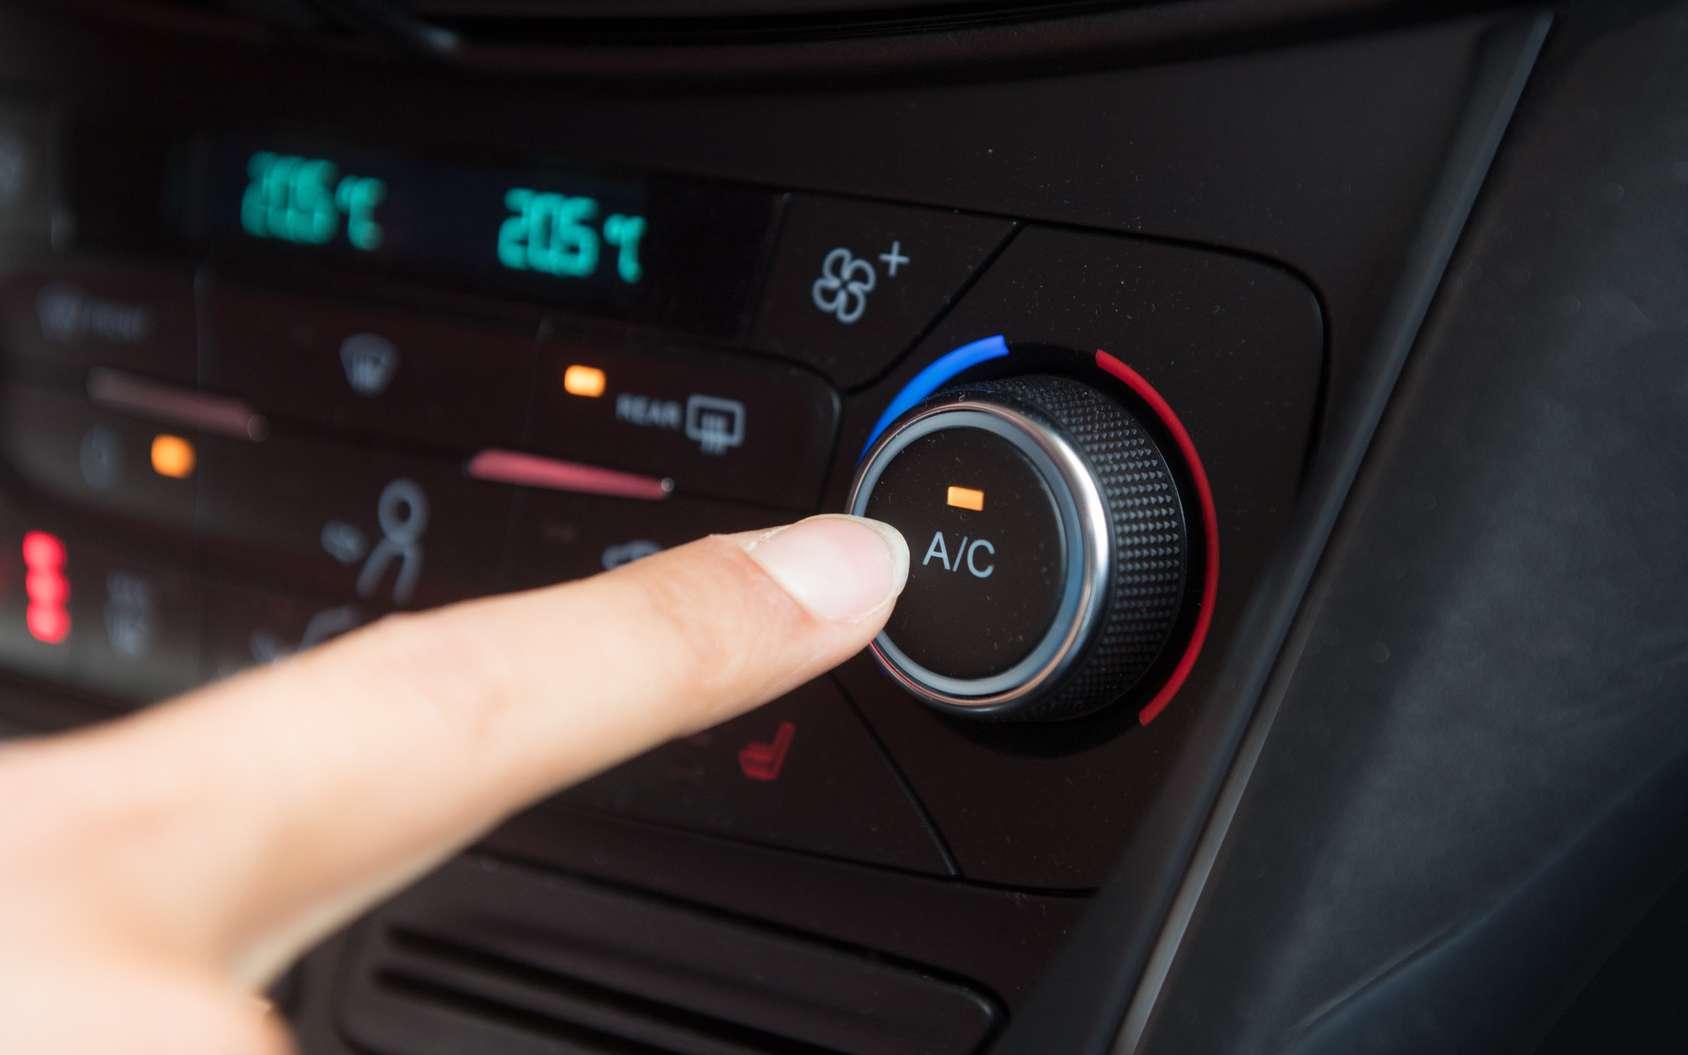 Ventilation de voiture réglable par les passagers situés à l'arrière. Un véhicule climatisé rejette environ 5 % de dioxyde de carbone en plus par rapport à un véhicule non climatisé. © benjaminnolte, fotolia